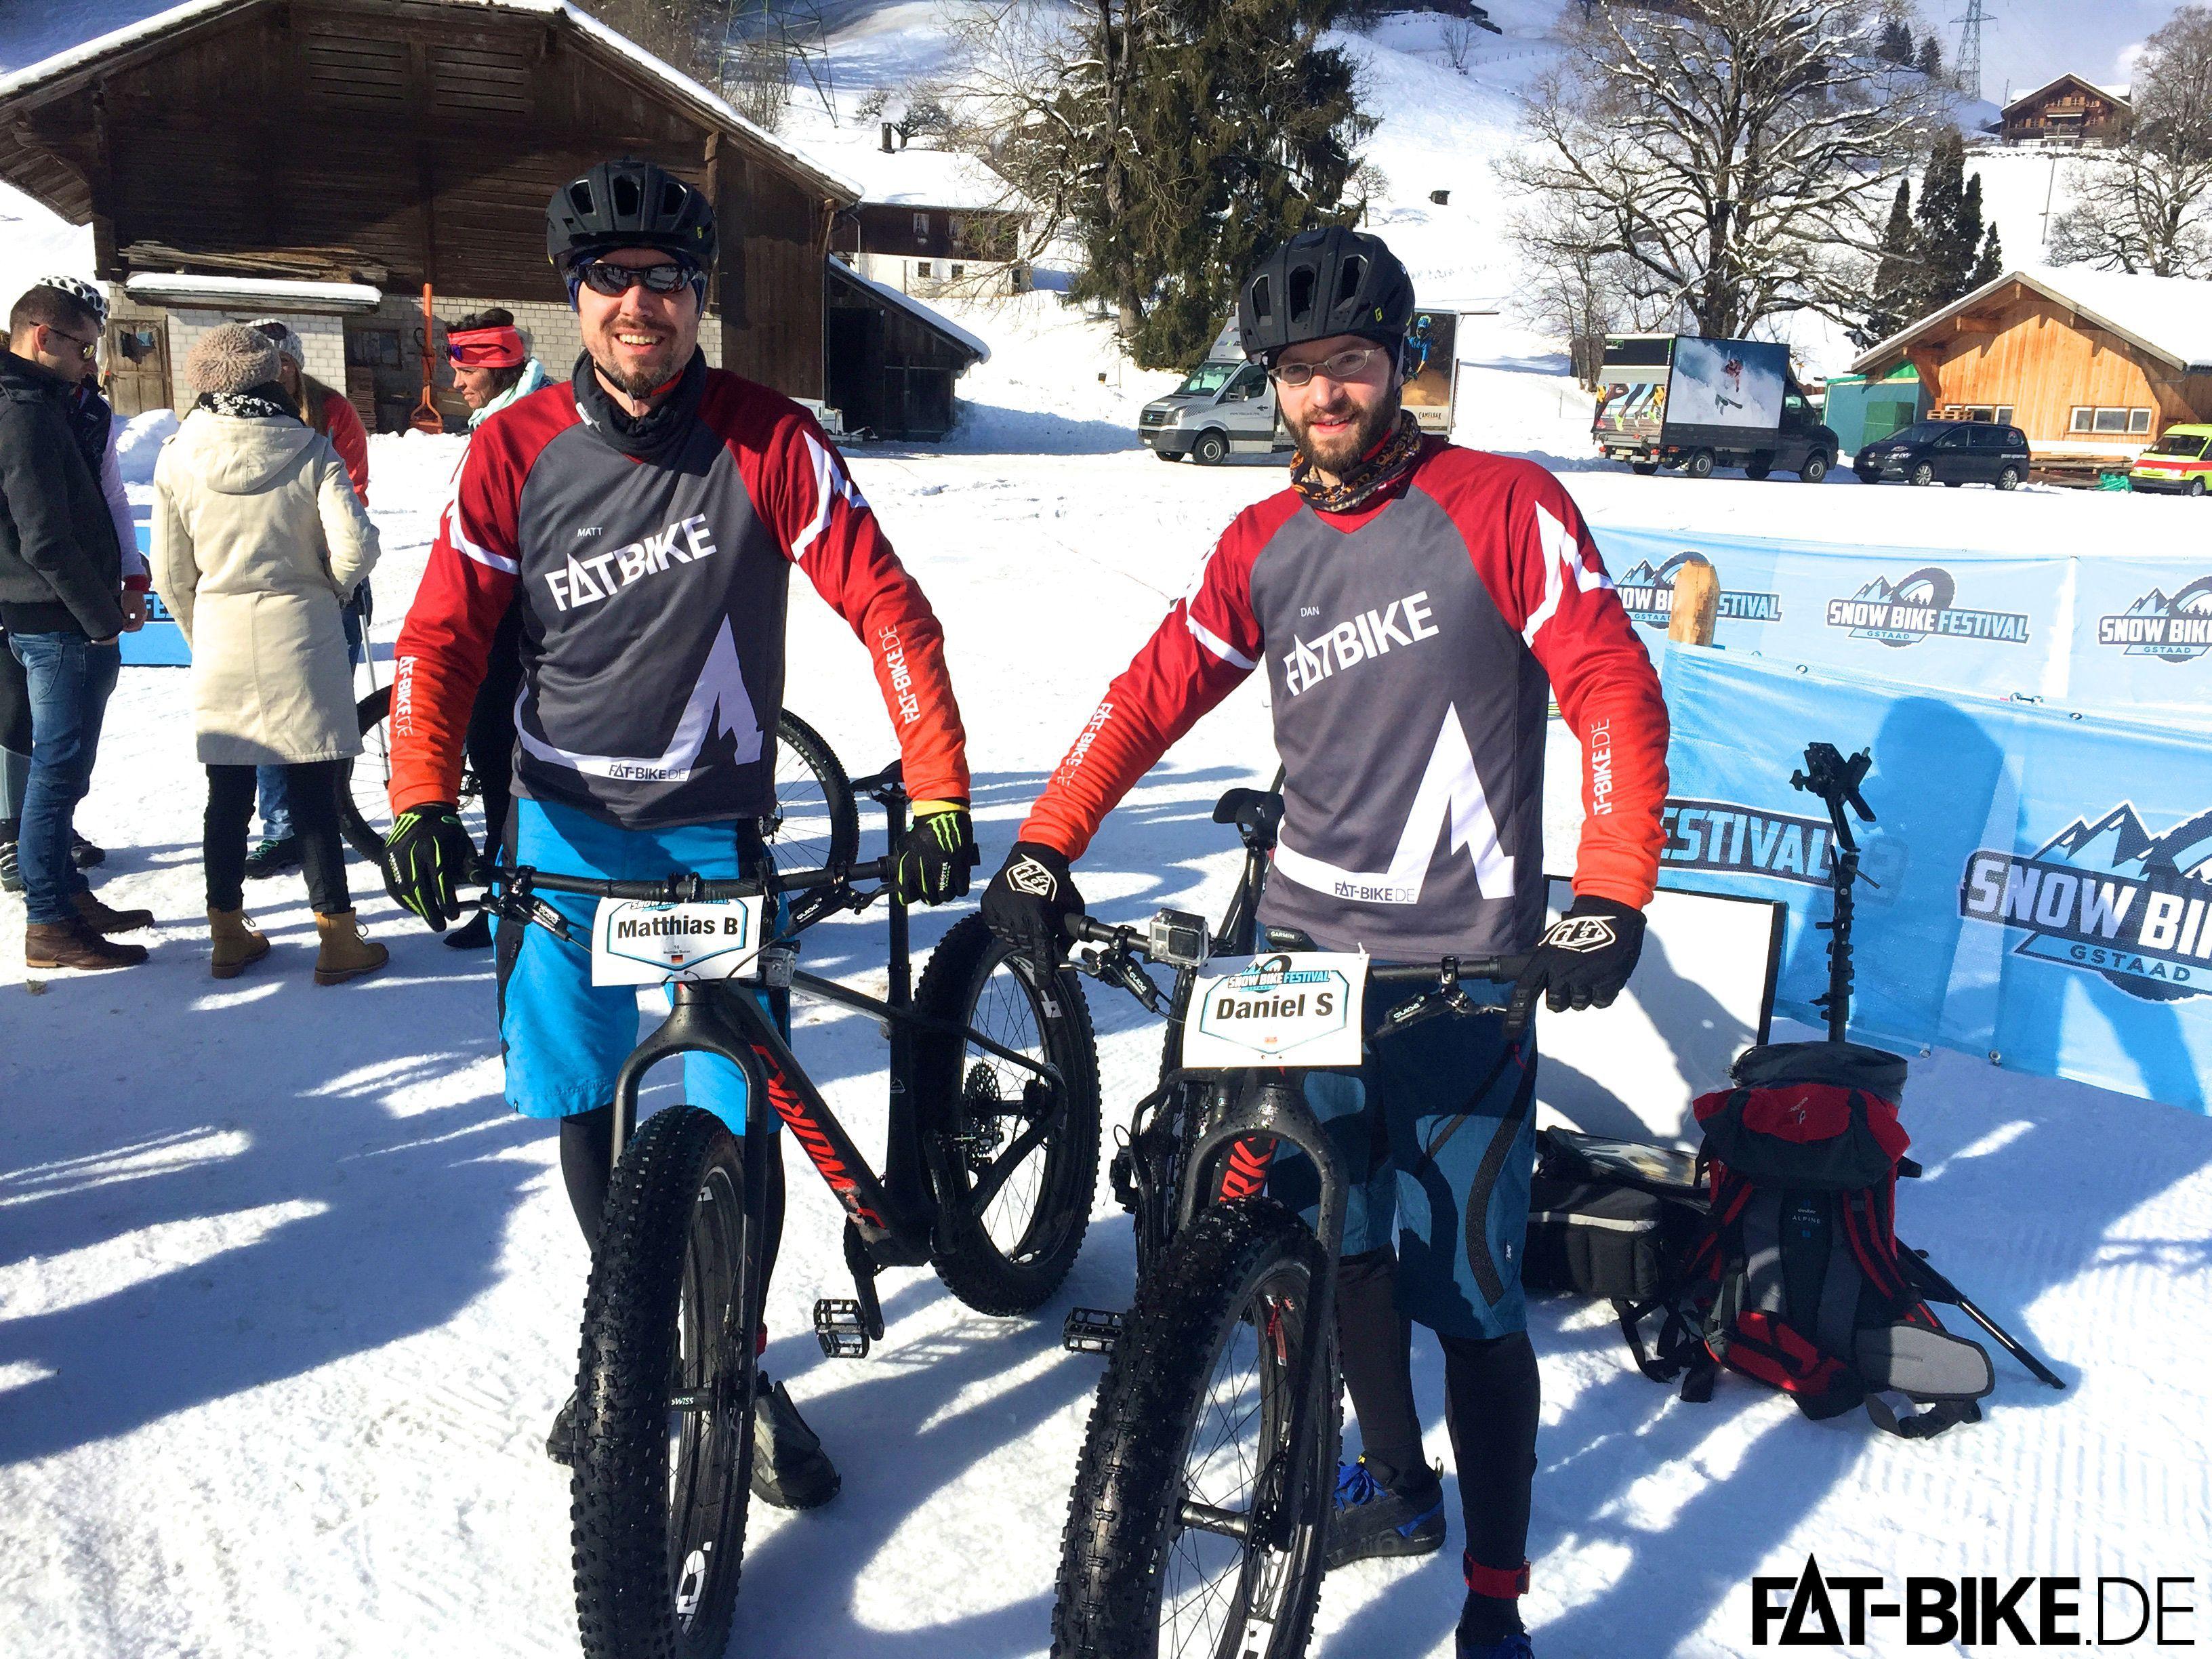 Nach der Zieleinfahrt der zweiten Etappe beim Snow Bike Festival in Gstaad